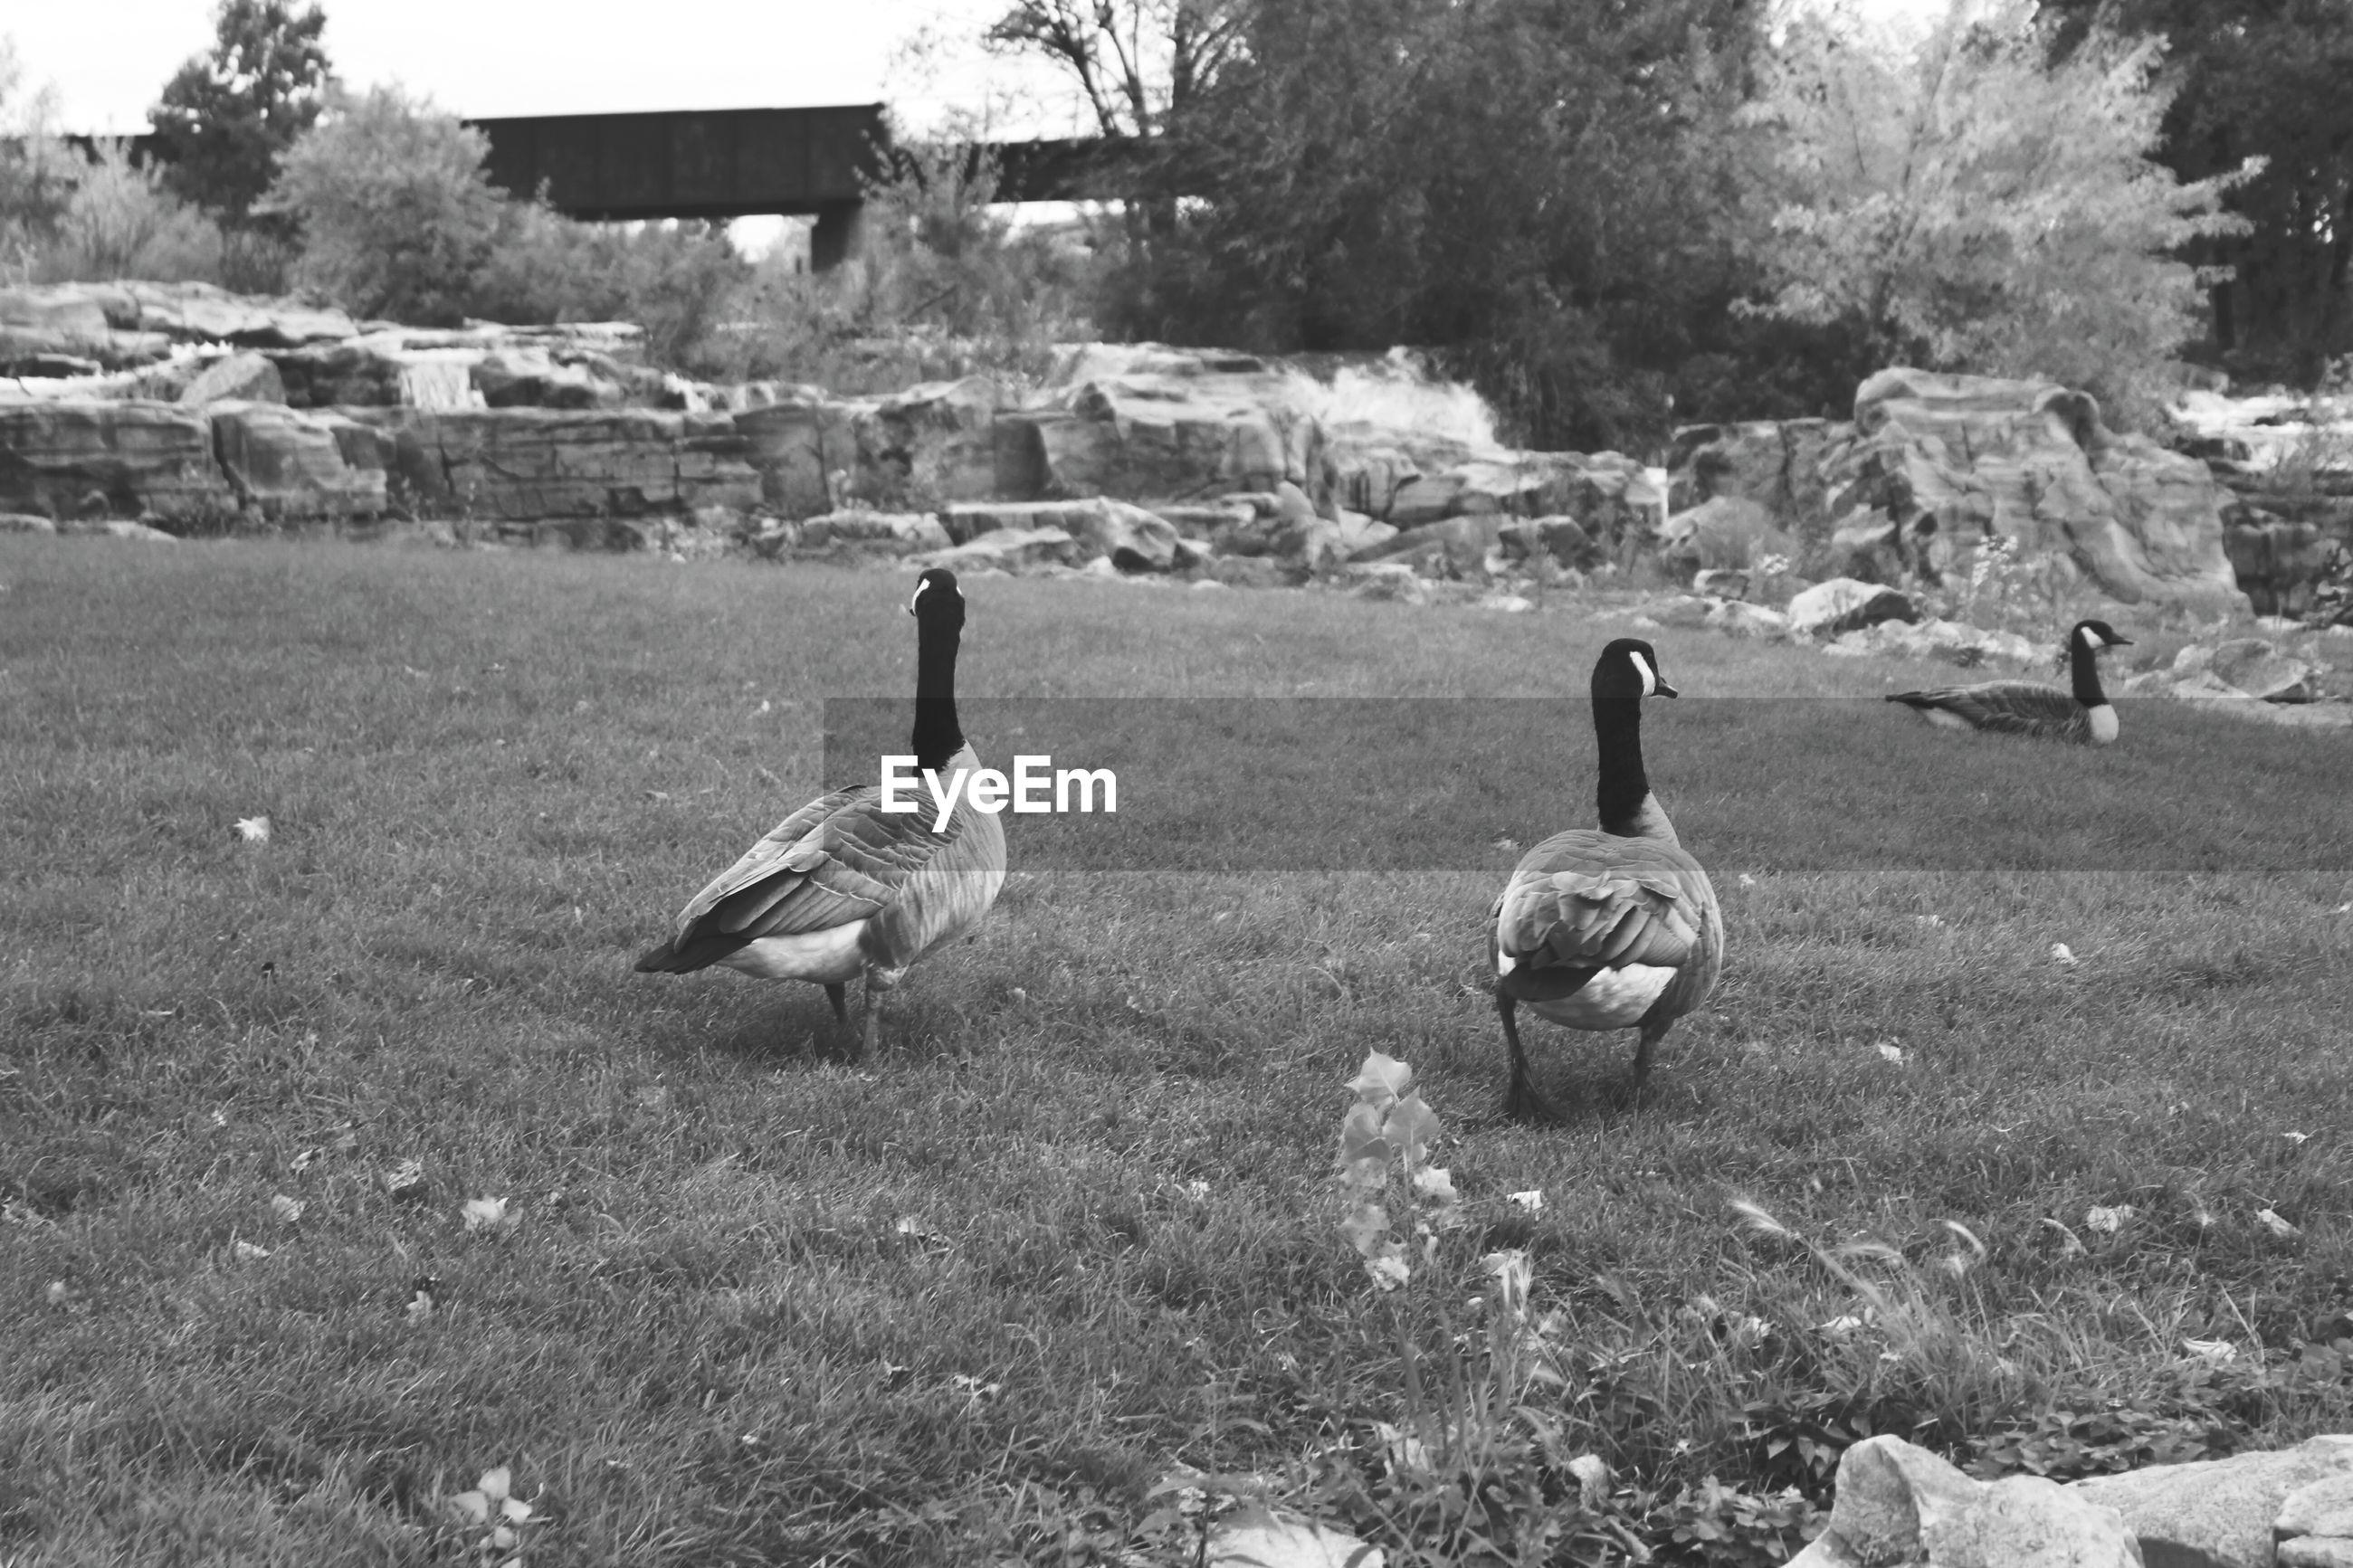 VIEW OF BIRDS IN FIELD